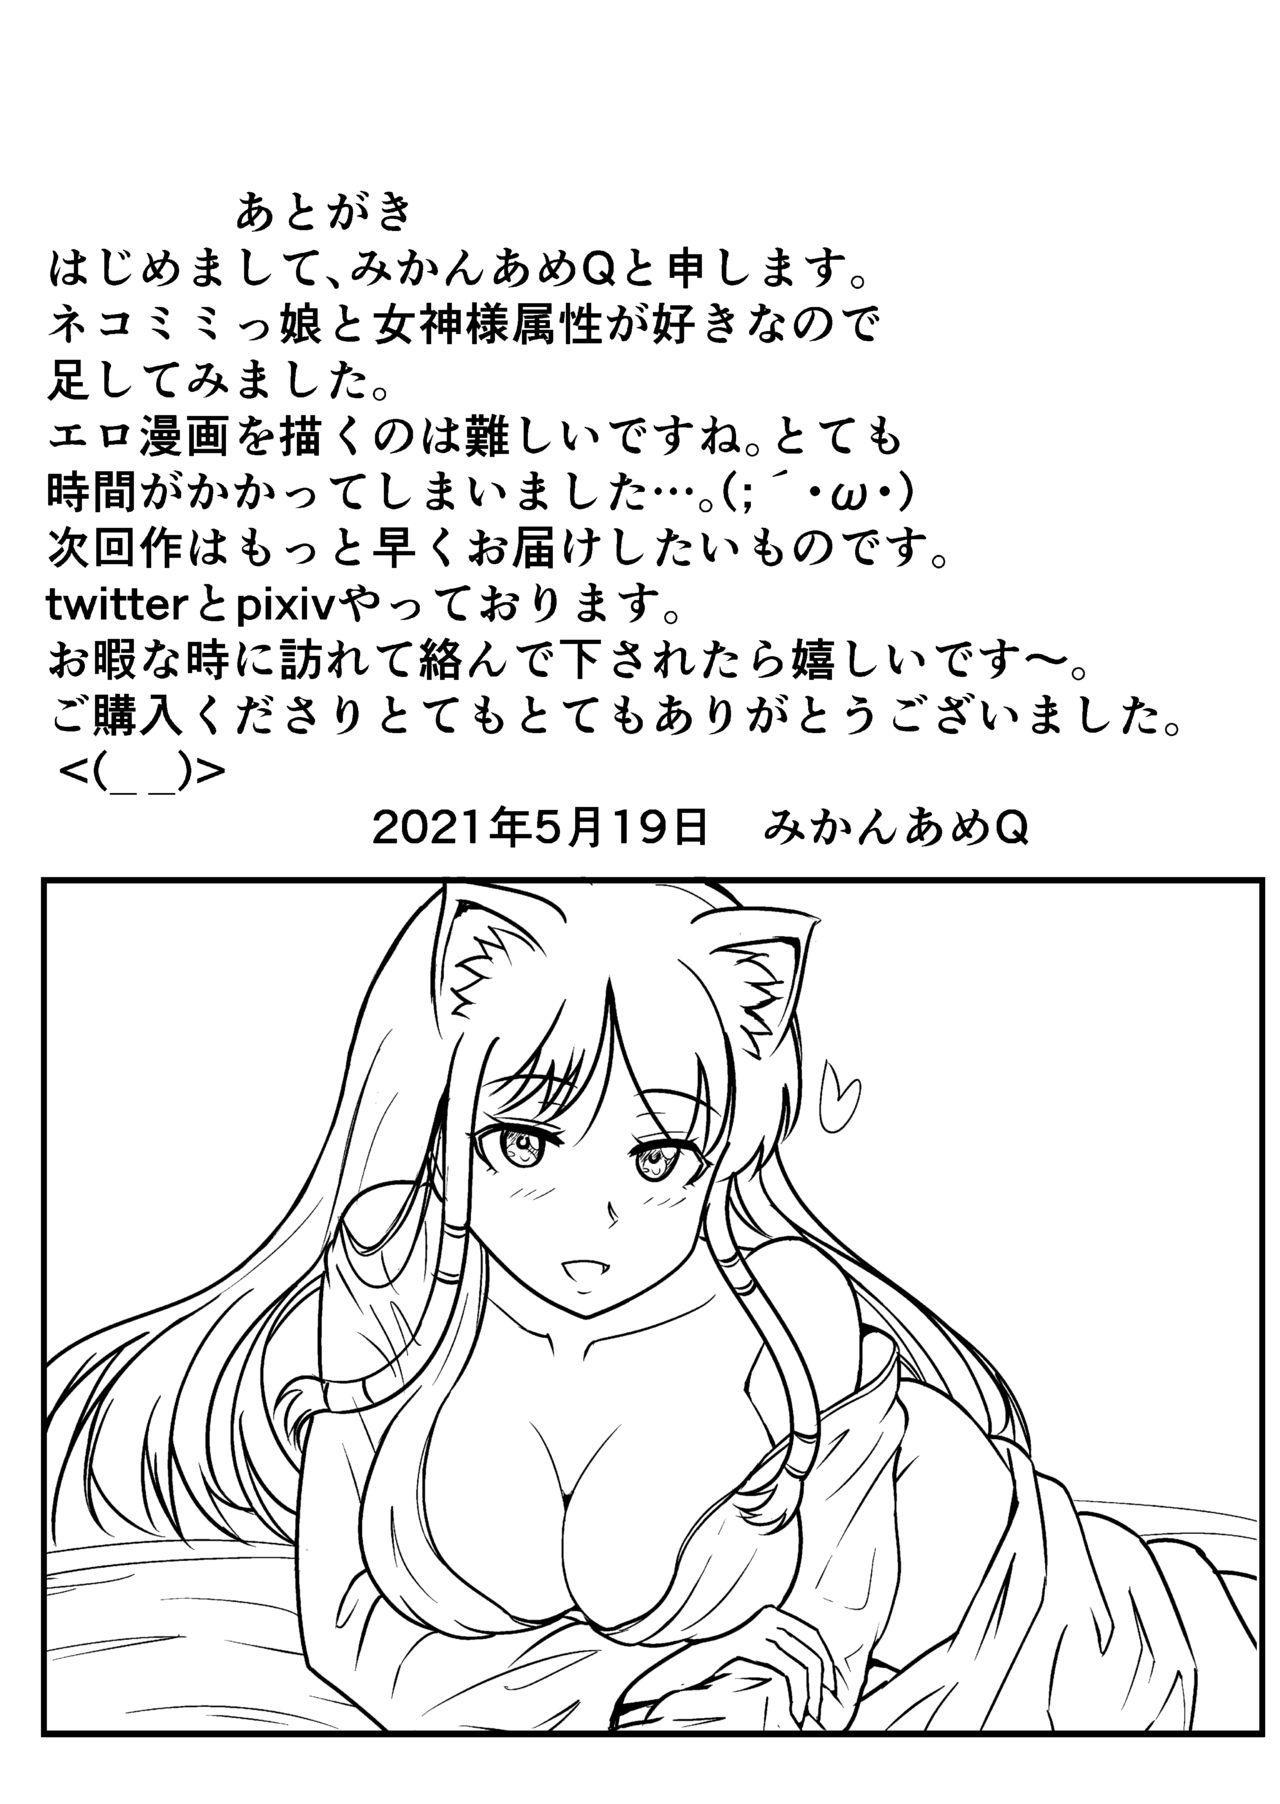 Neko oTasukete Tensei shitara Neko Megami Sanshimai ni Mainichi Sei o Shiborarete iru Ken. 38